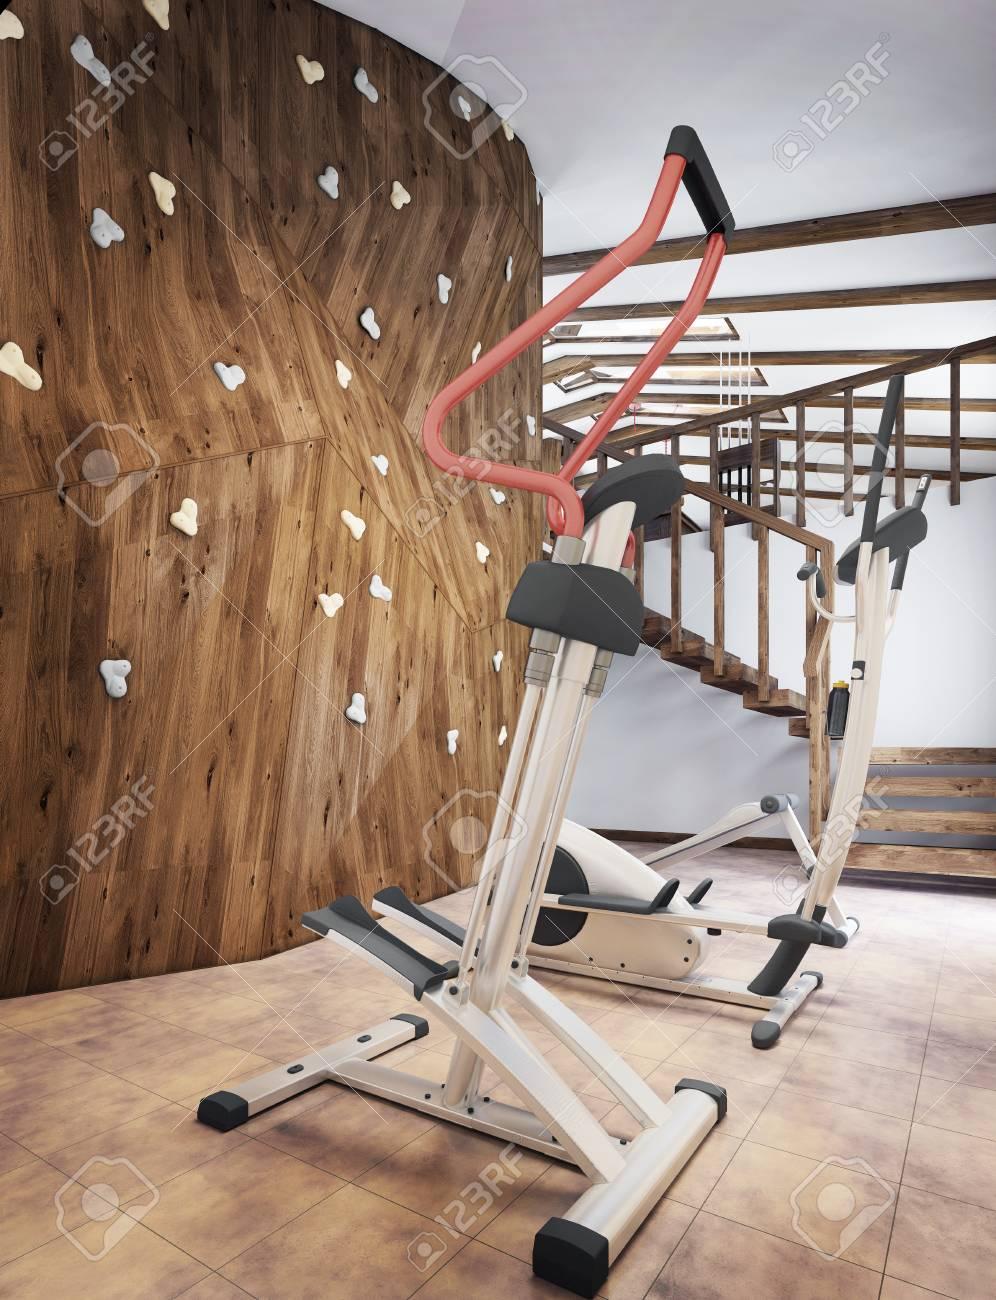 Salle De Sport Privée piscine dans une maison privée avec salle de sport et un mur d'escalade  dans le style loft. rendu 3d.